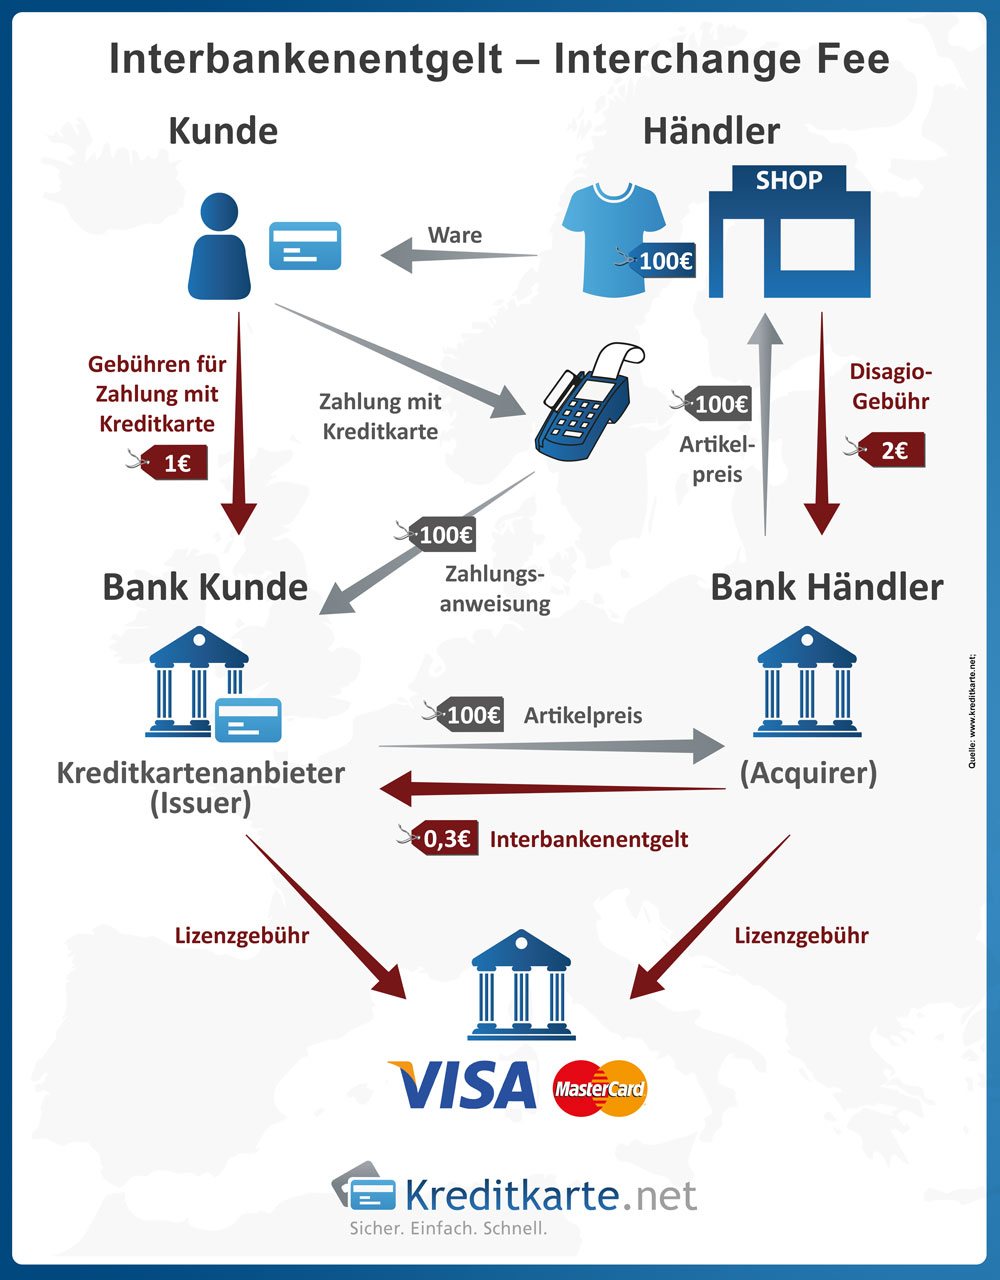 Entstehung der Interchange Fee bei Kreditkartenzahlung